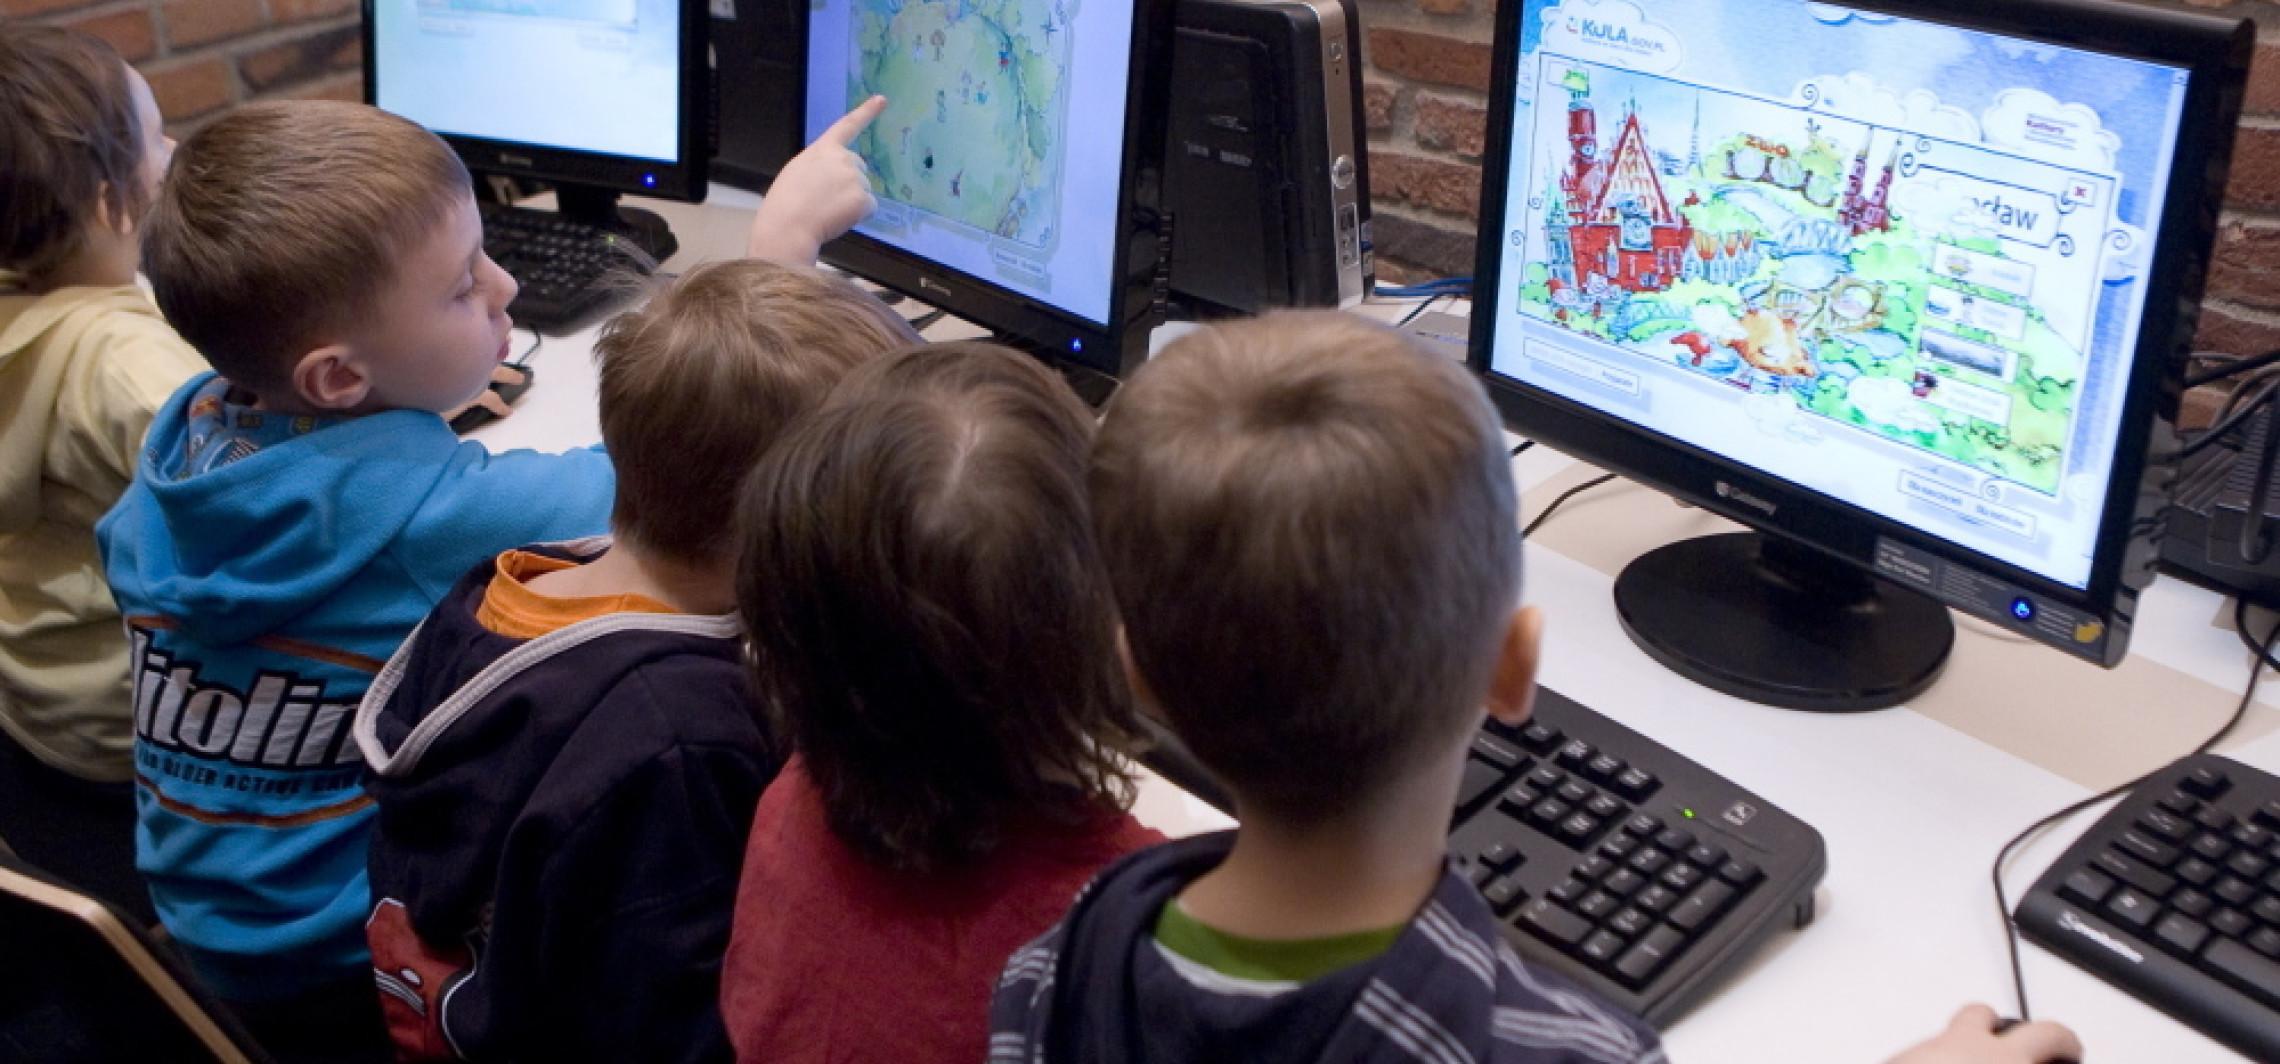 Prof. Jędrzejko: Cyfrowe piekiełko naszych dzieci